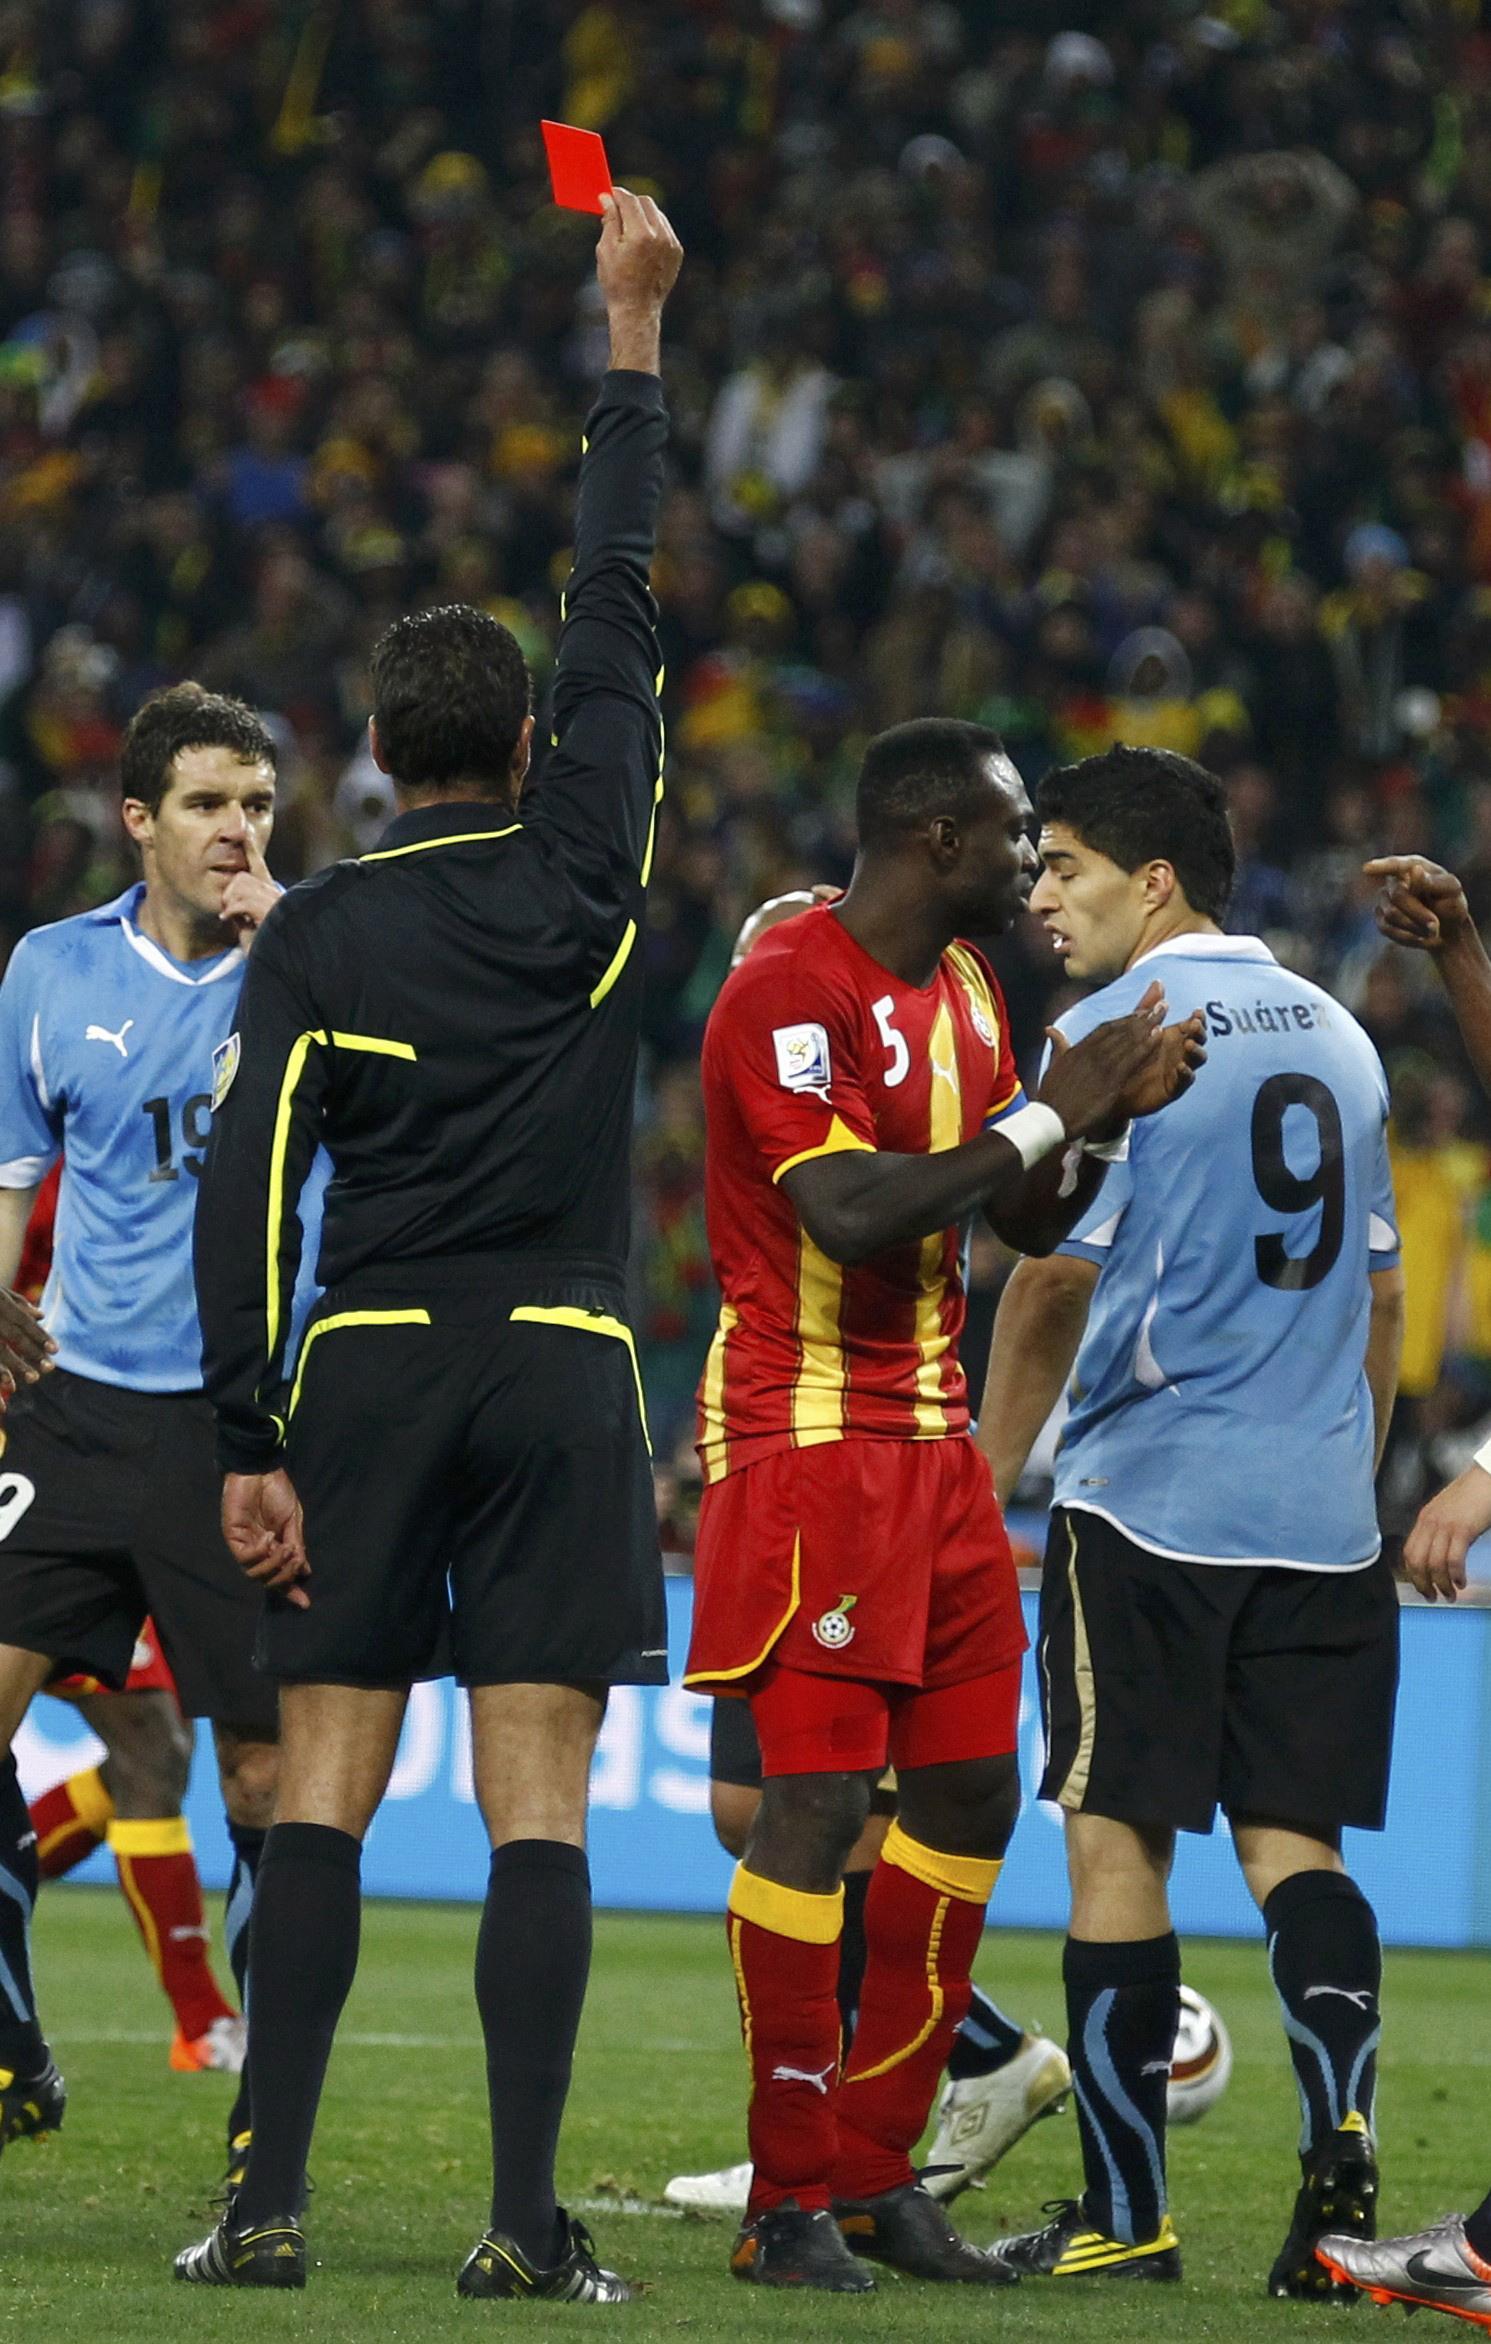 Suarez was sent off for the handball